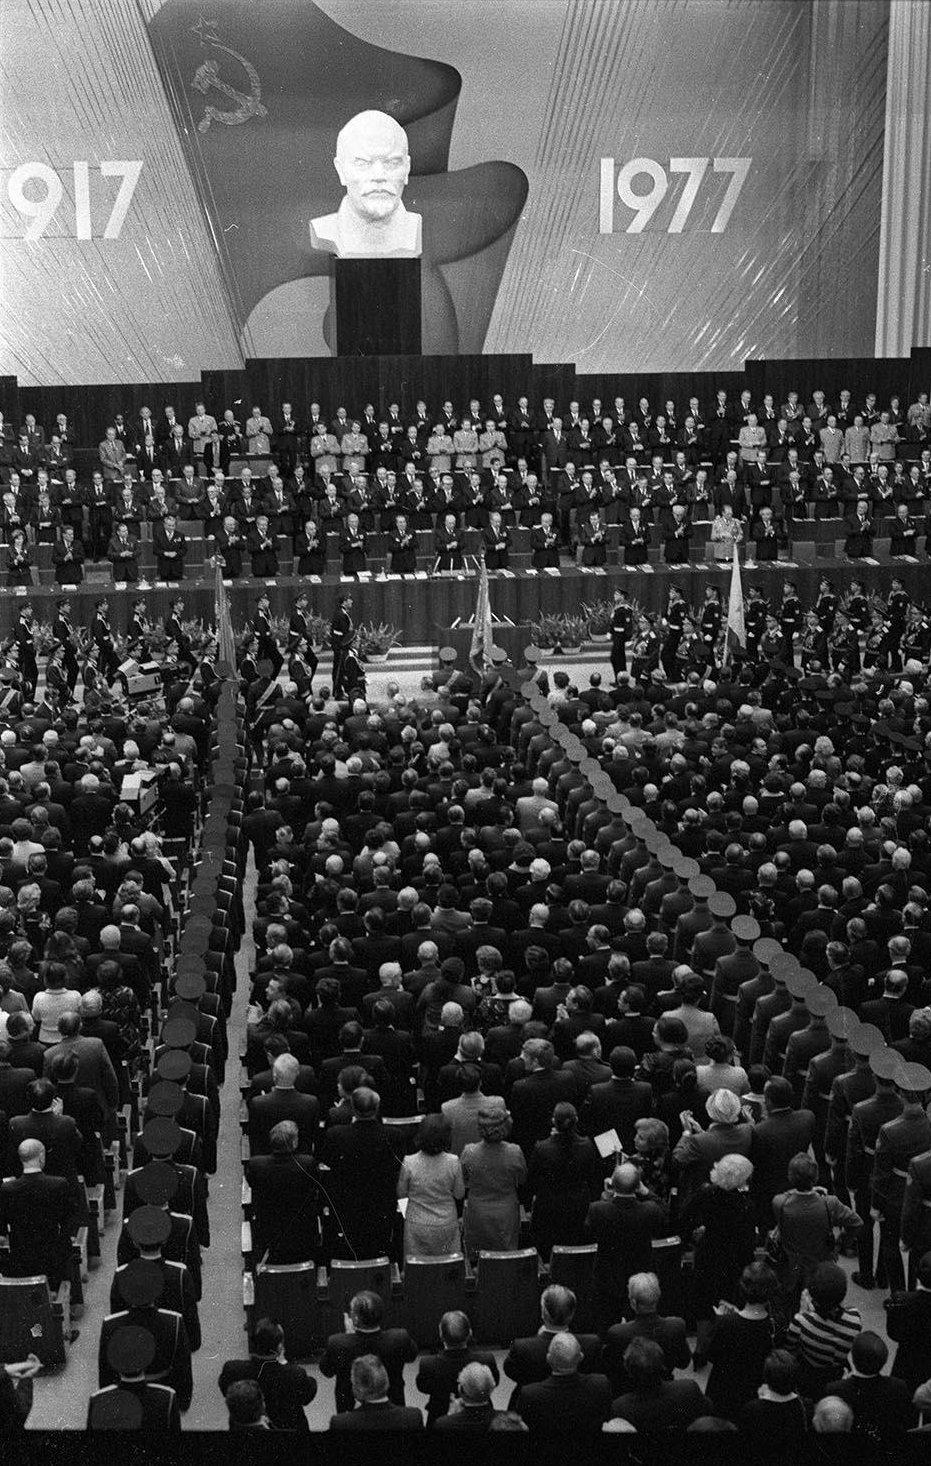 1977. Торжественное заседание по случаю 60-летия Октябрьской революции. Кремлевский дворец съездов. 2 ноября1